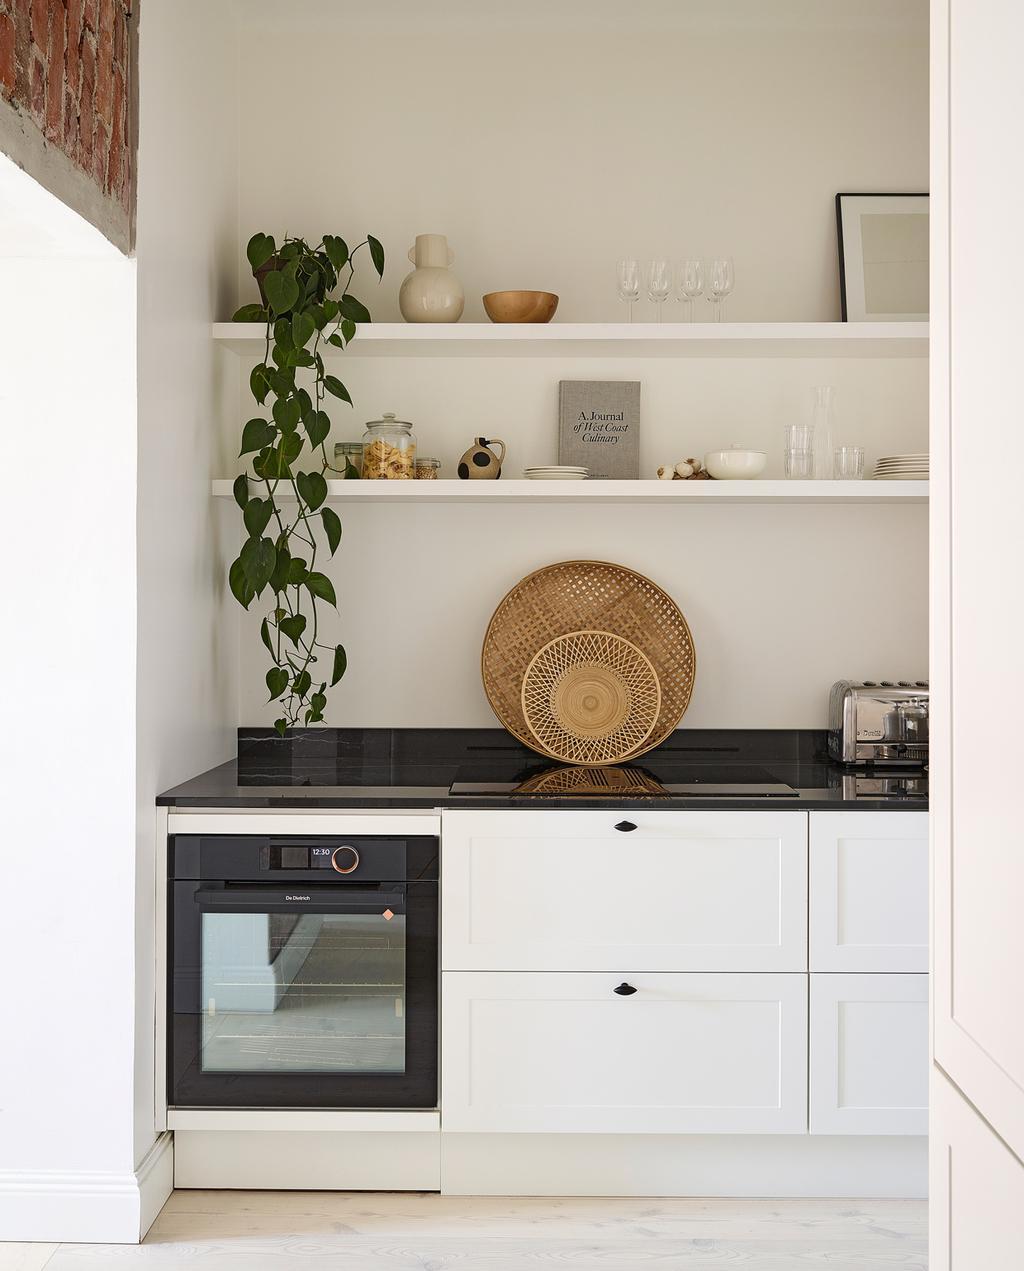 vtwonen special tiny houses | rieten manden met zwart aanrecht in de keuken